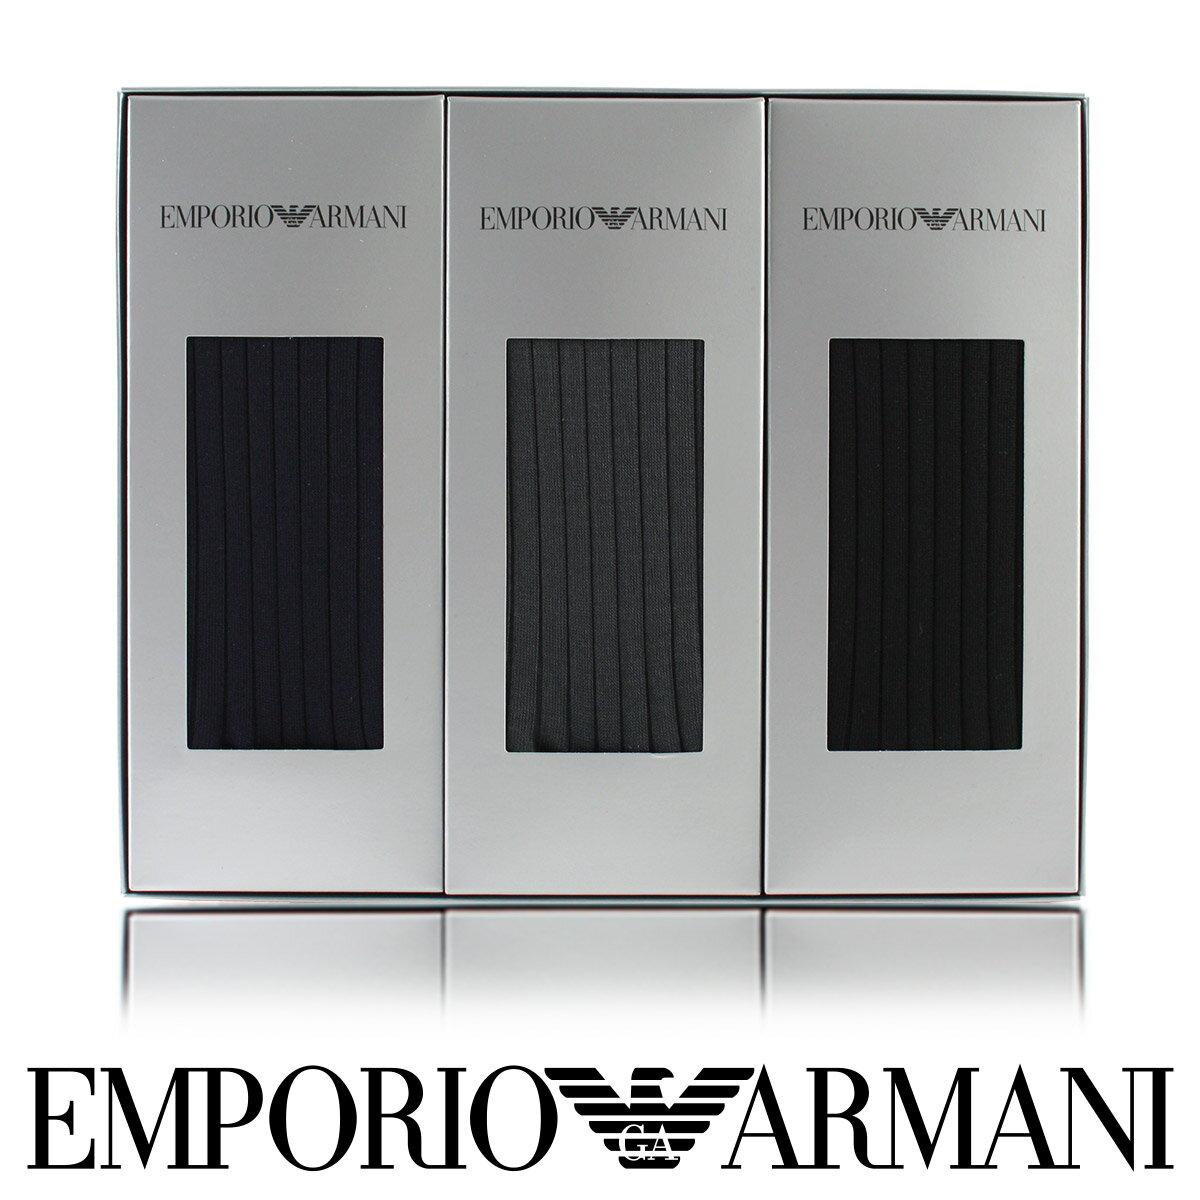 【送料無料】EMPORIO ARMANI ( エンポリオ アルマーニ ) メンズ ソックス オールシーズン用 靴下 Dress リブ クルー丈 ソックス ブランド靴下3足組ギフトセット男性 メンズ プレゼント 贈答 ギフトEA-3Pポイント10倍